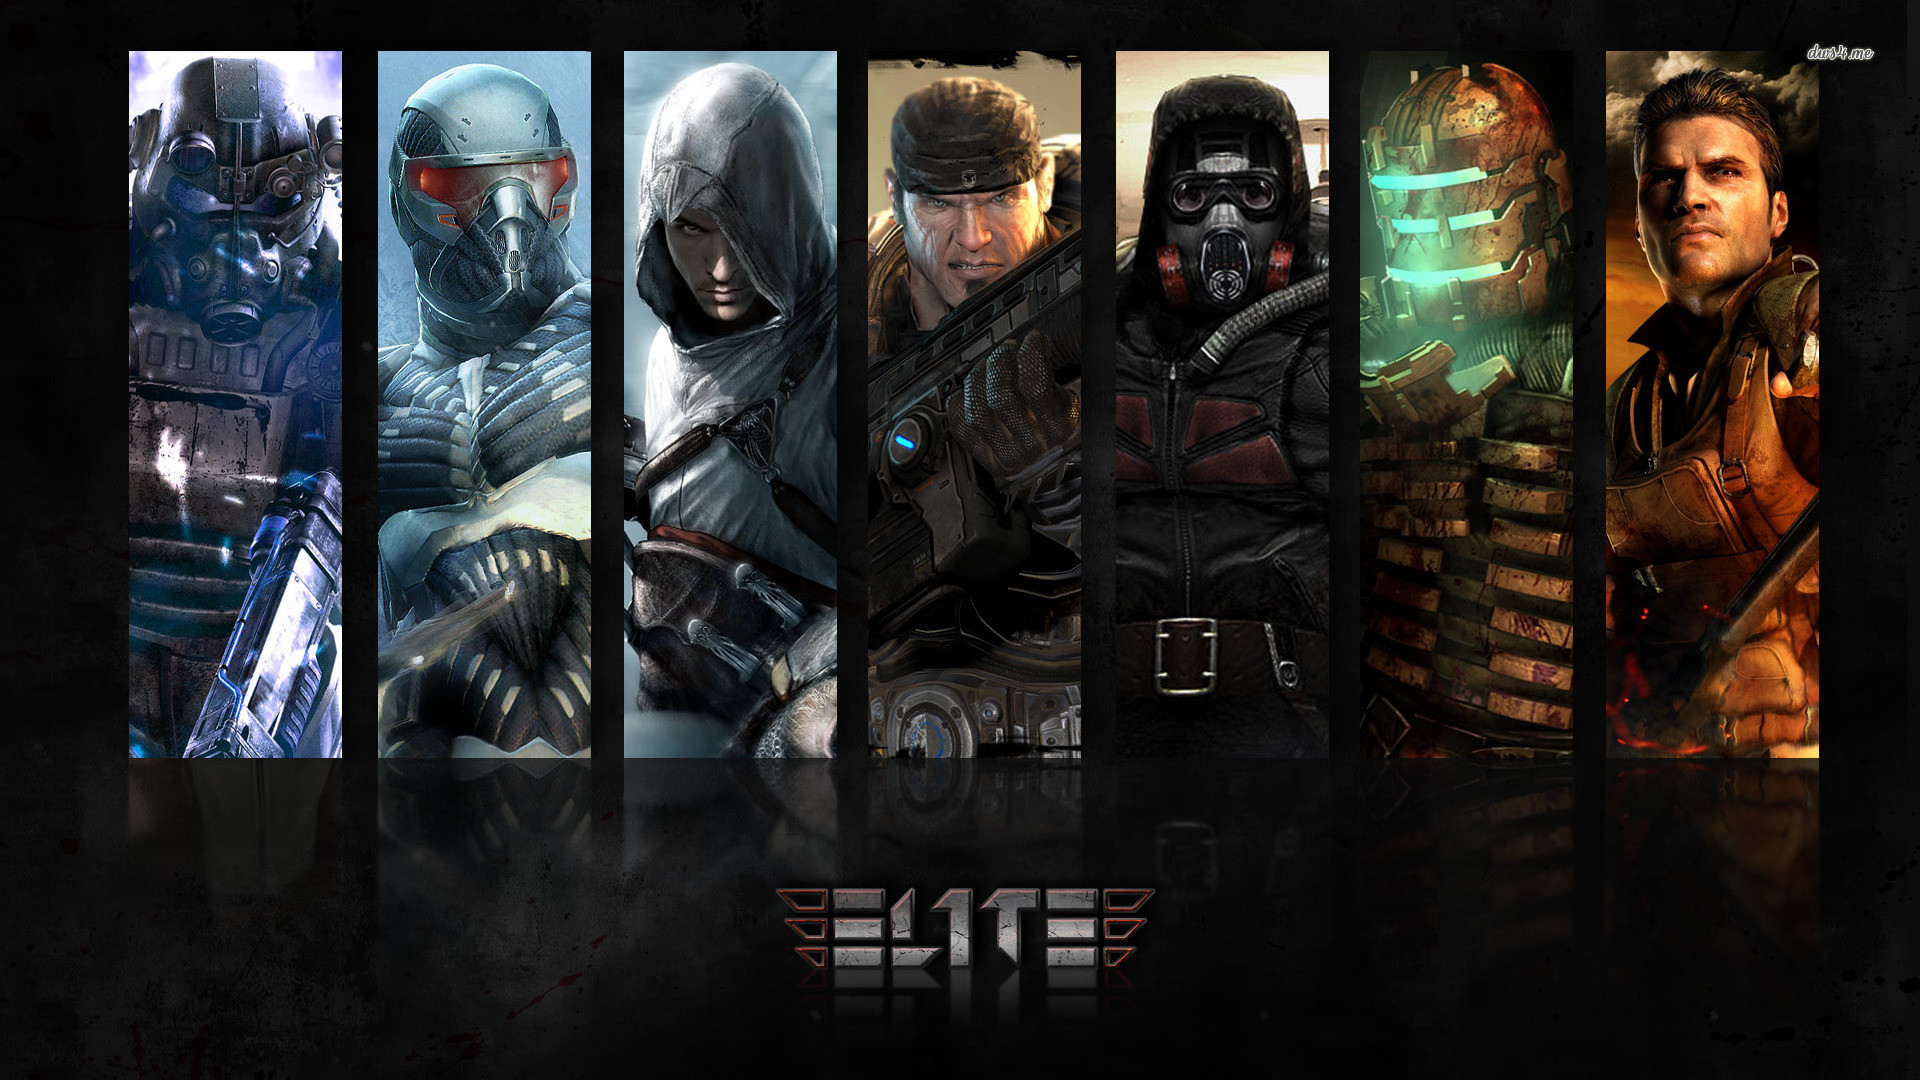 <b>Halo Elite Wallpaper</b> – WallpaperSafari